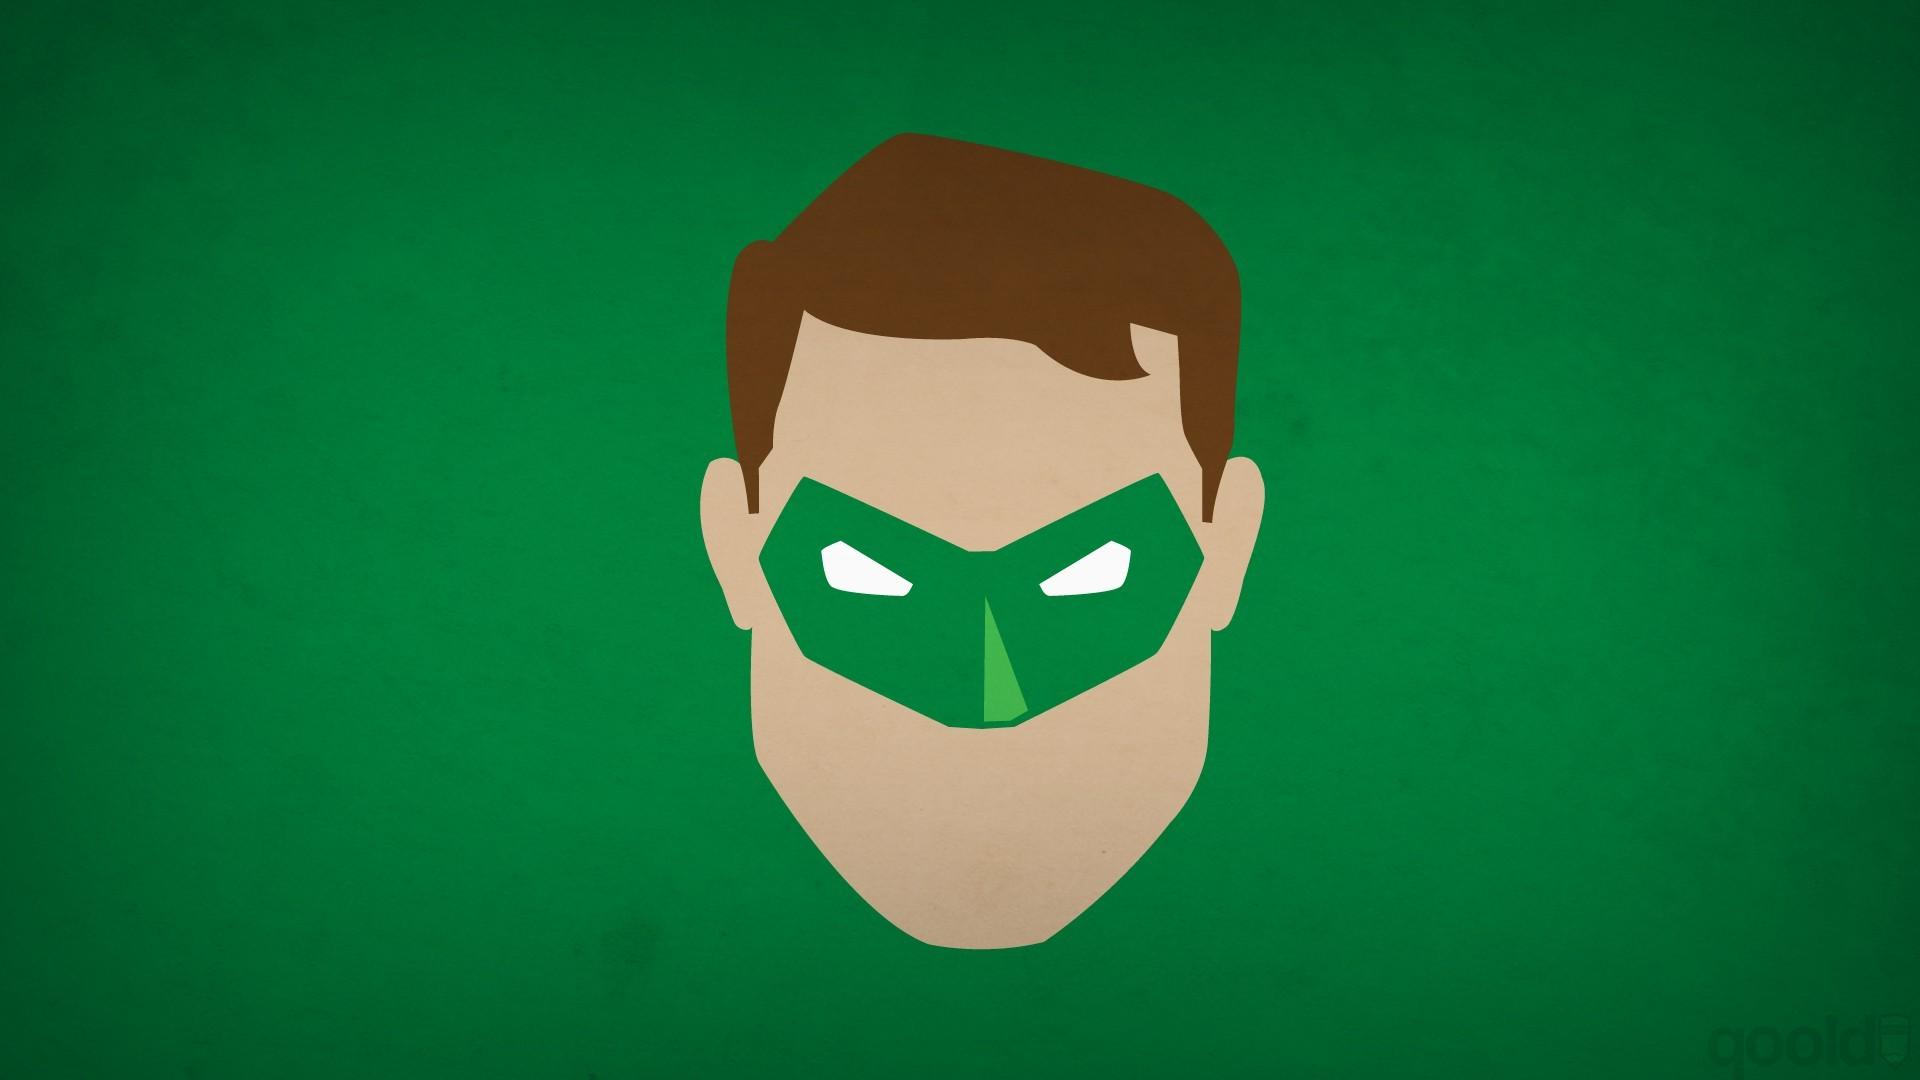 Минималистичные картинки супергероев